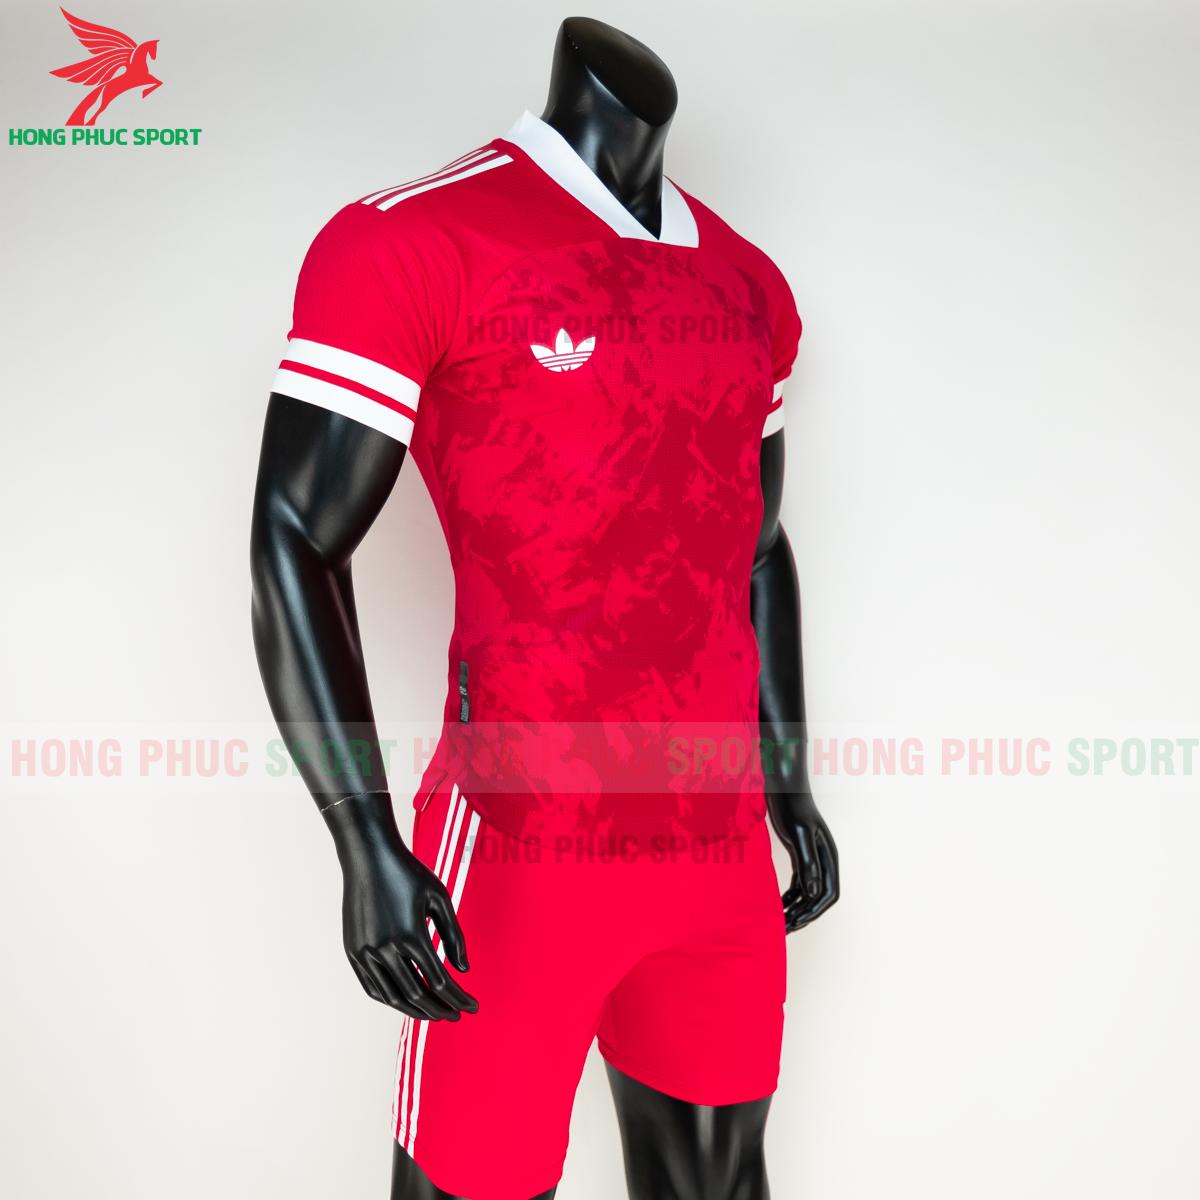 Áo đá banh không logo Condivo ba lá Adidas 2020 2021 mẫu 4 (phải)